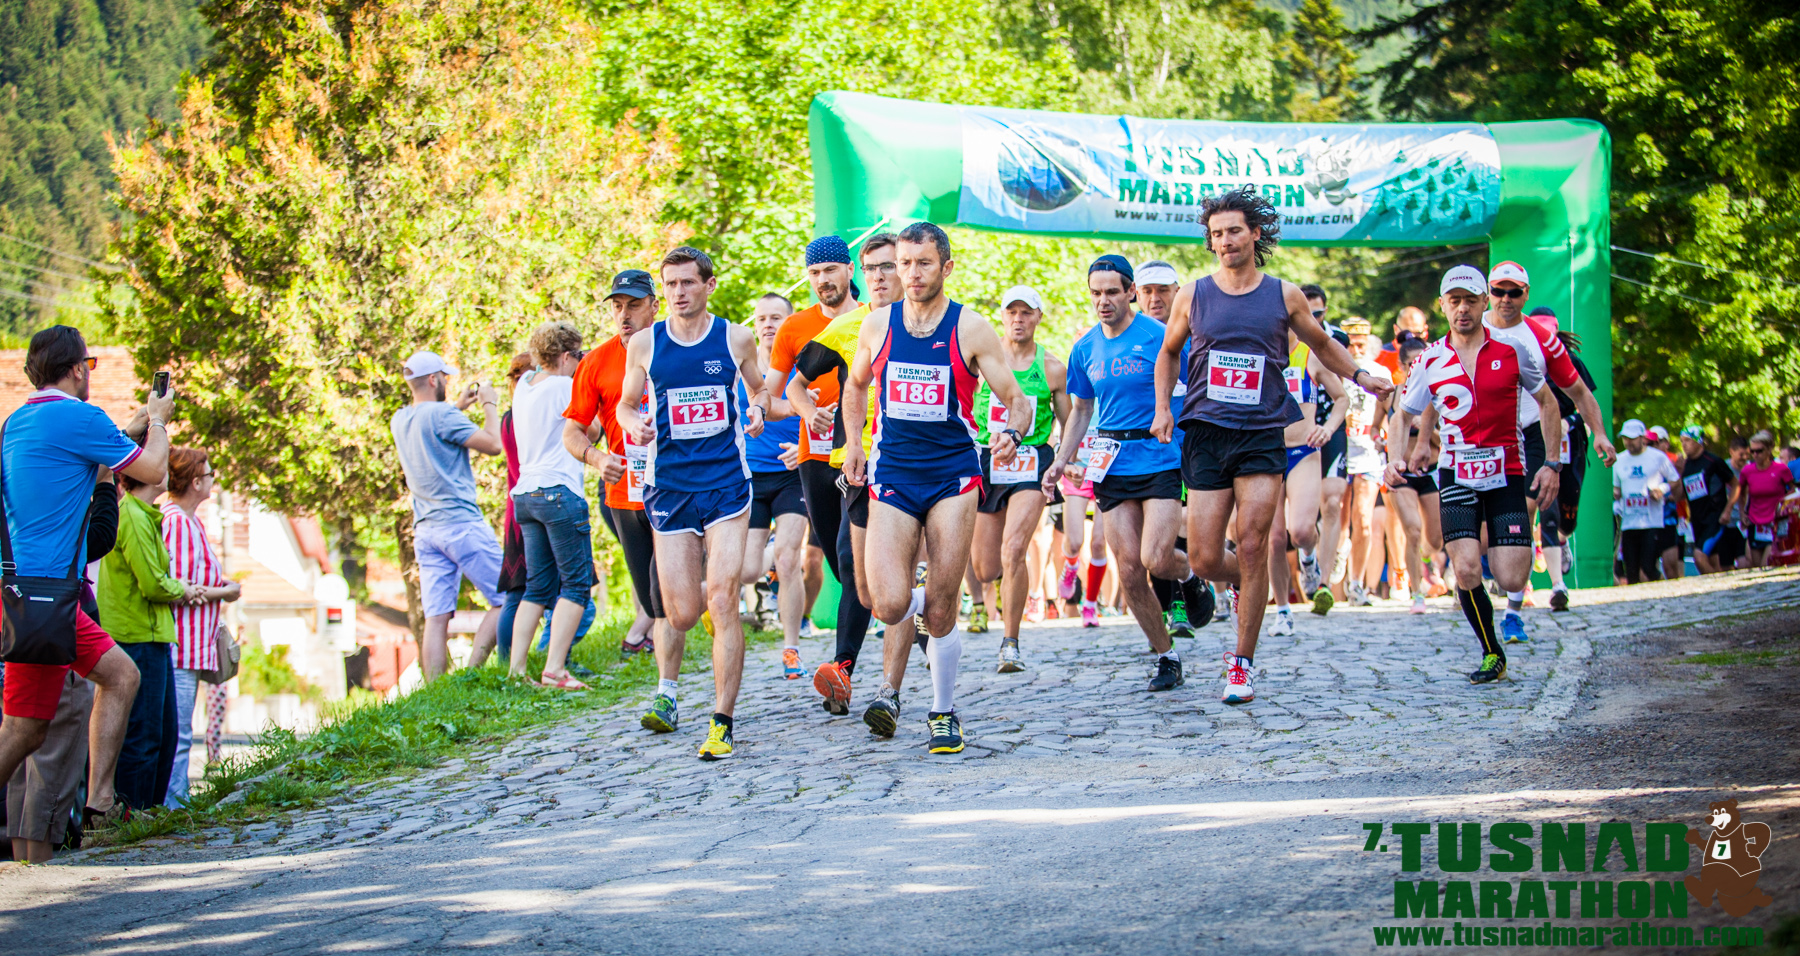 Newsbucuresti.ro: Trafic restricționat în weekend, pentru cea de-a 10-a ediție a Semimaratonului București 9